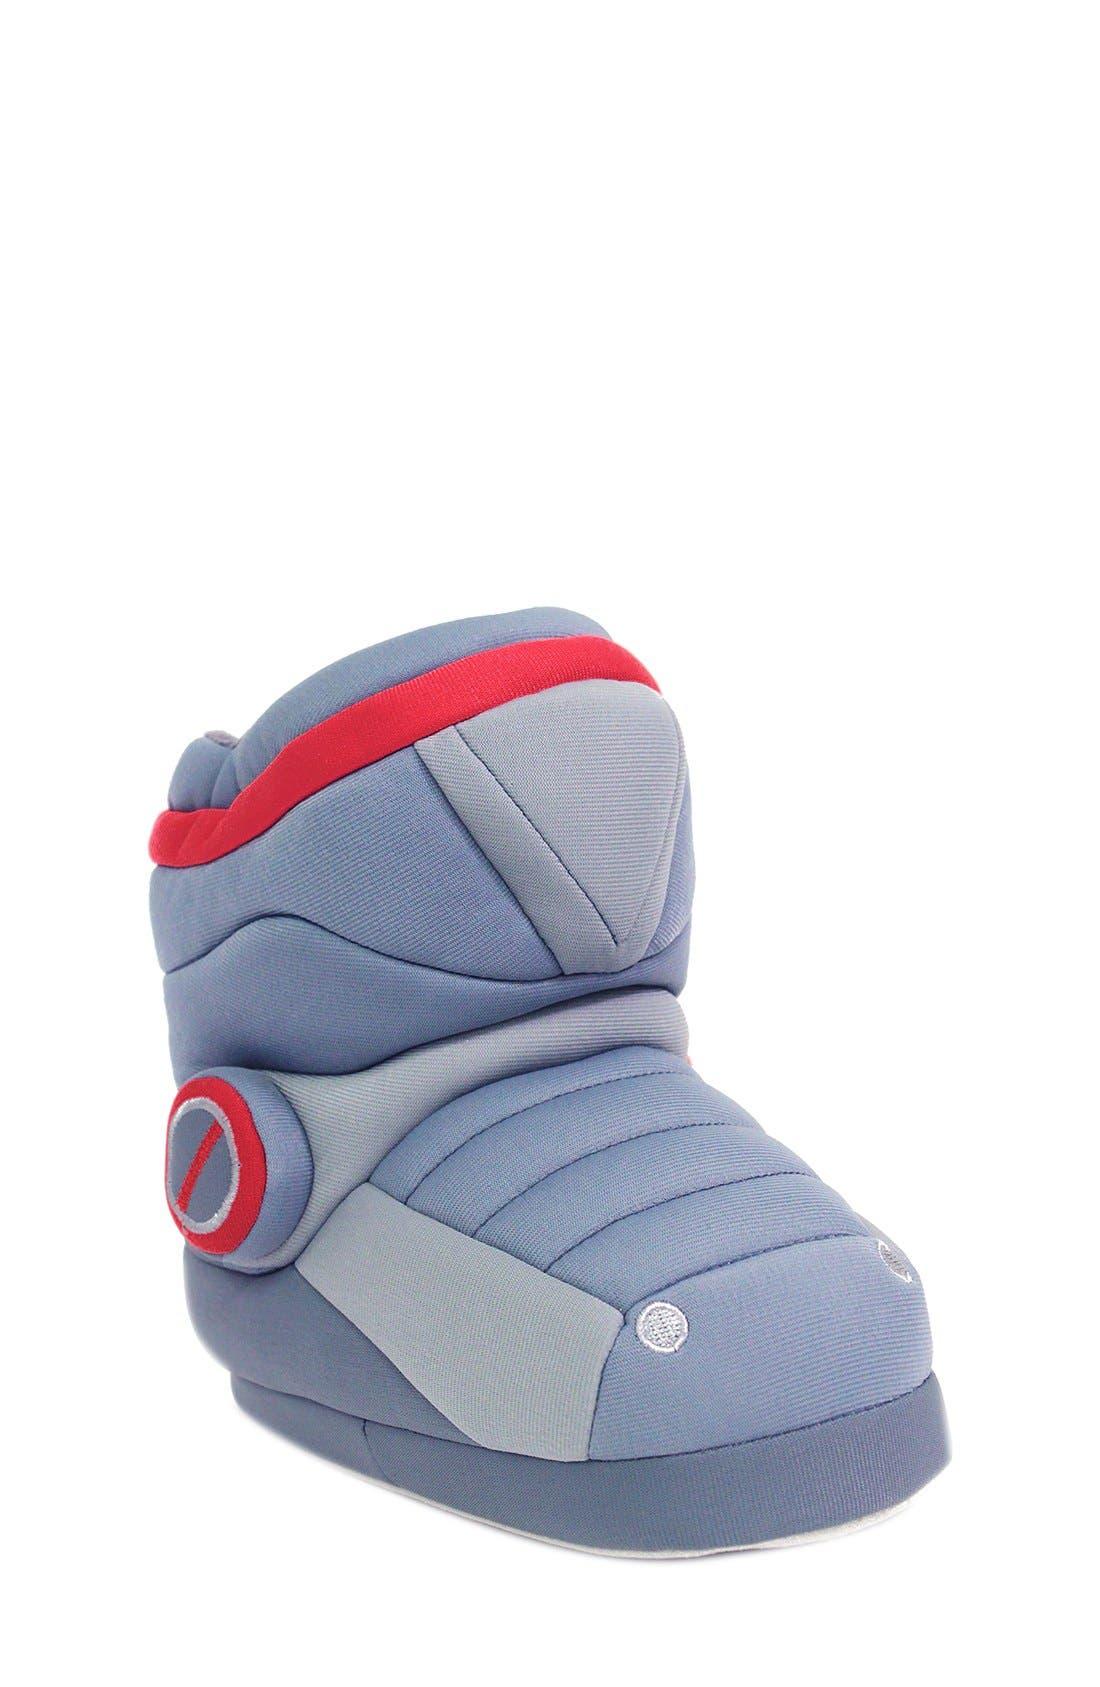 Alternate Image 1 Selected - Trimfit Robot Slipper Boot (Toddler & Little Kid)